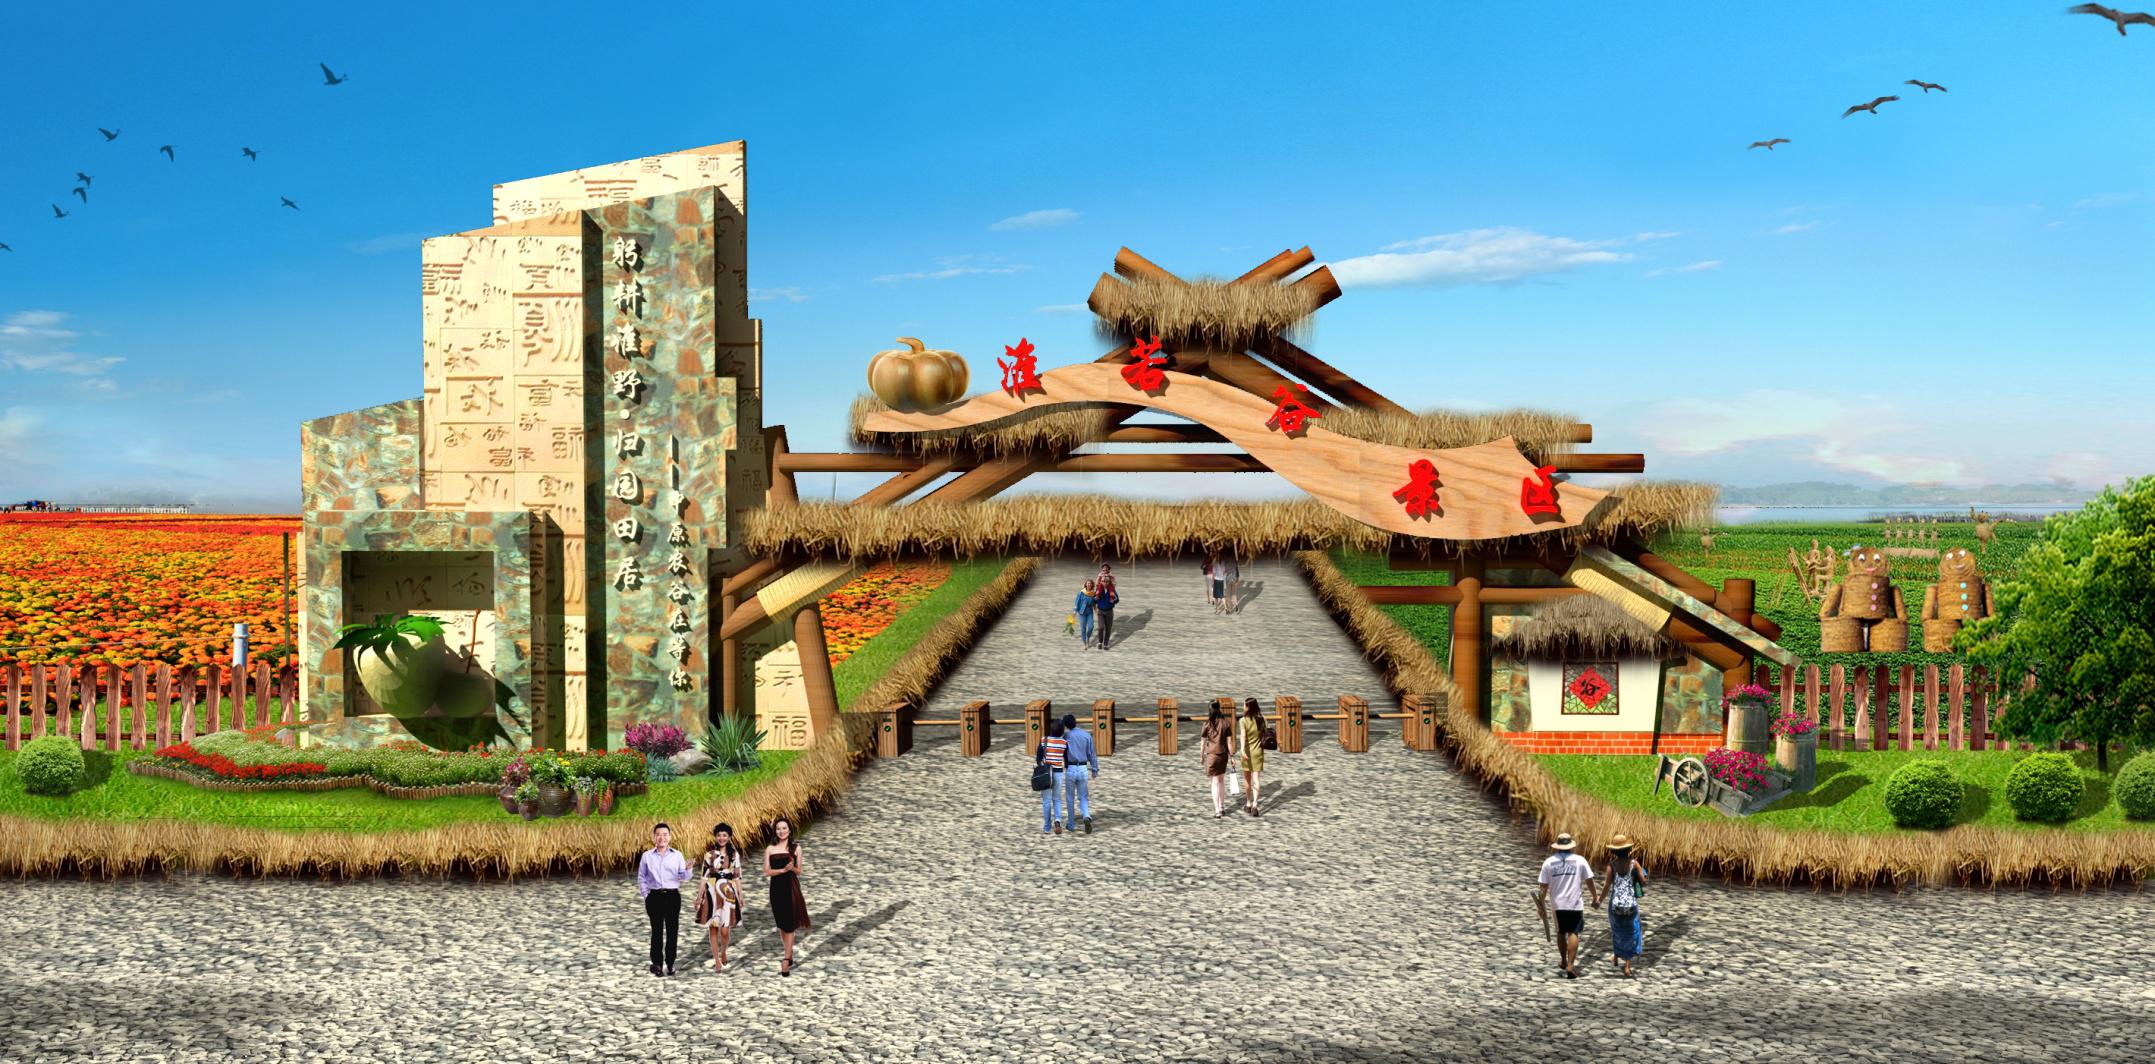 建筑前广场改为生态停车场